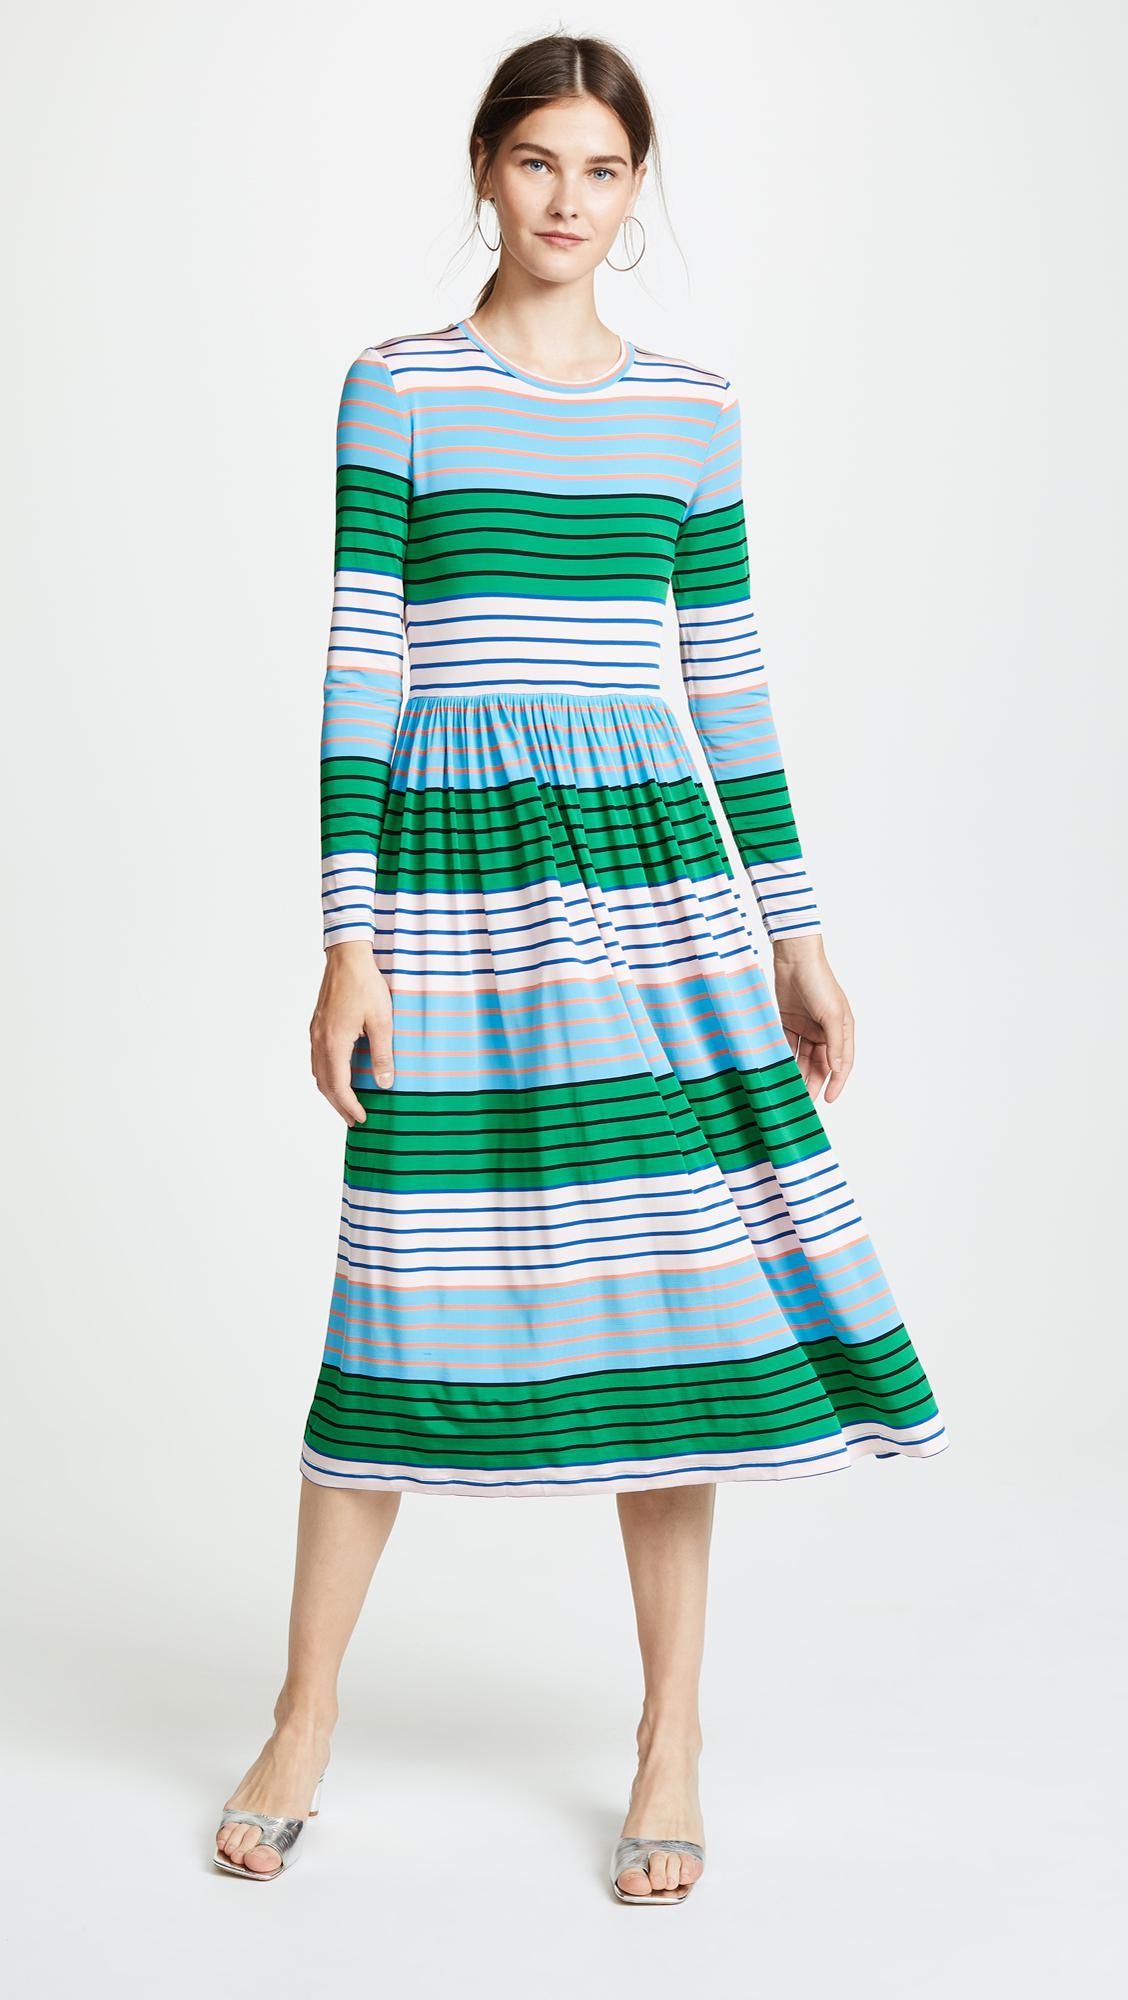 624a62bd0f7 Stine Goya Joel Dress in Green - Lyst